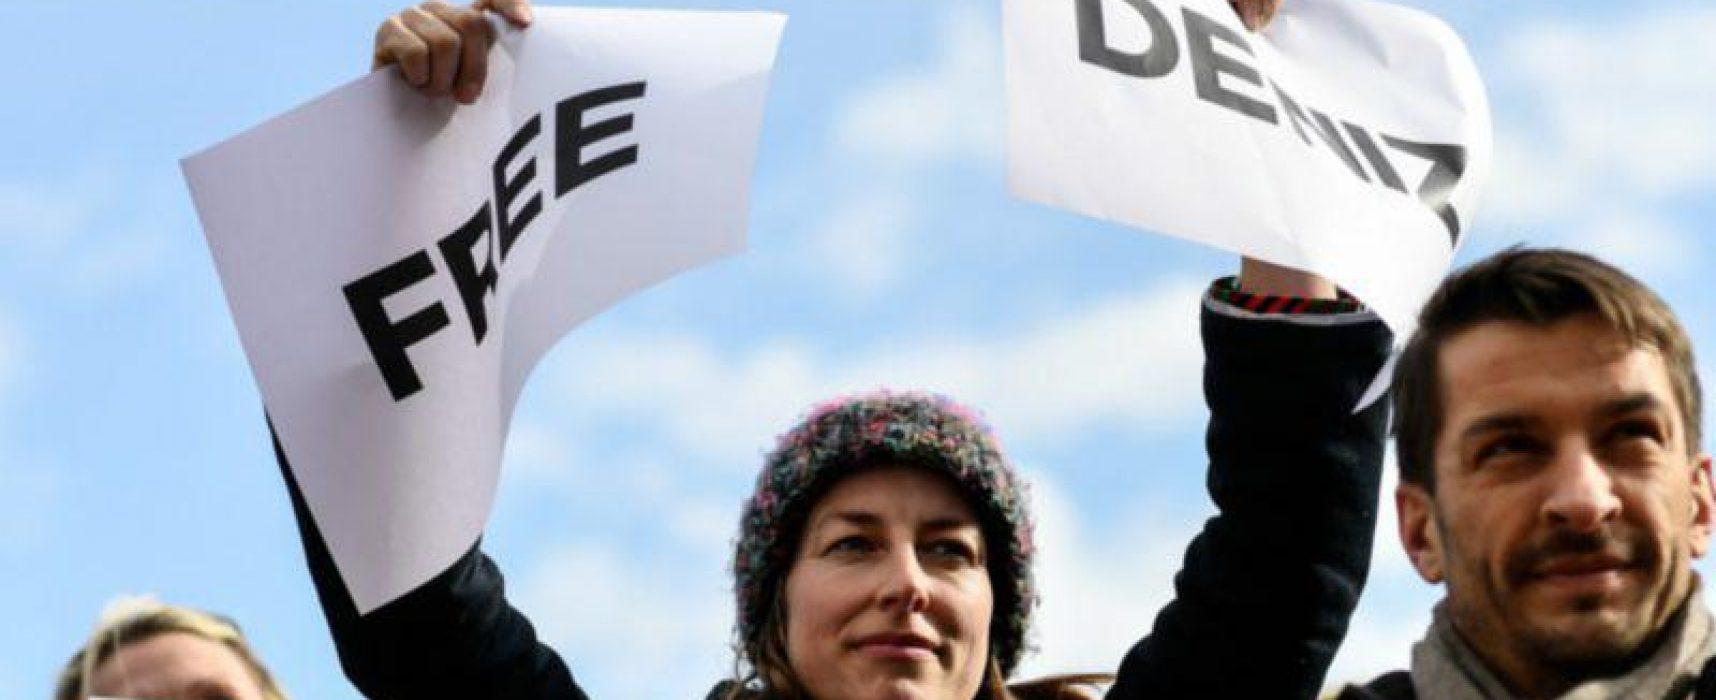 La liberté de la presse se dégrade sous l'effet de dirigeants «médiasceptiques»